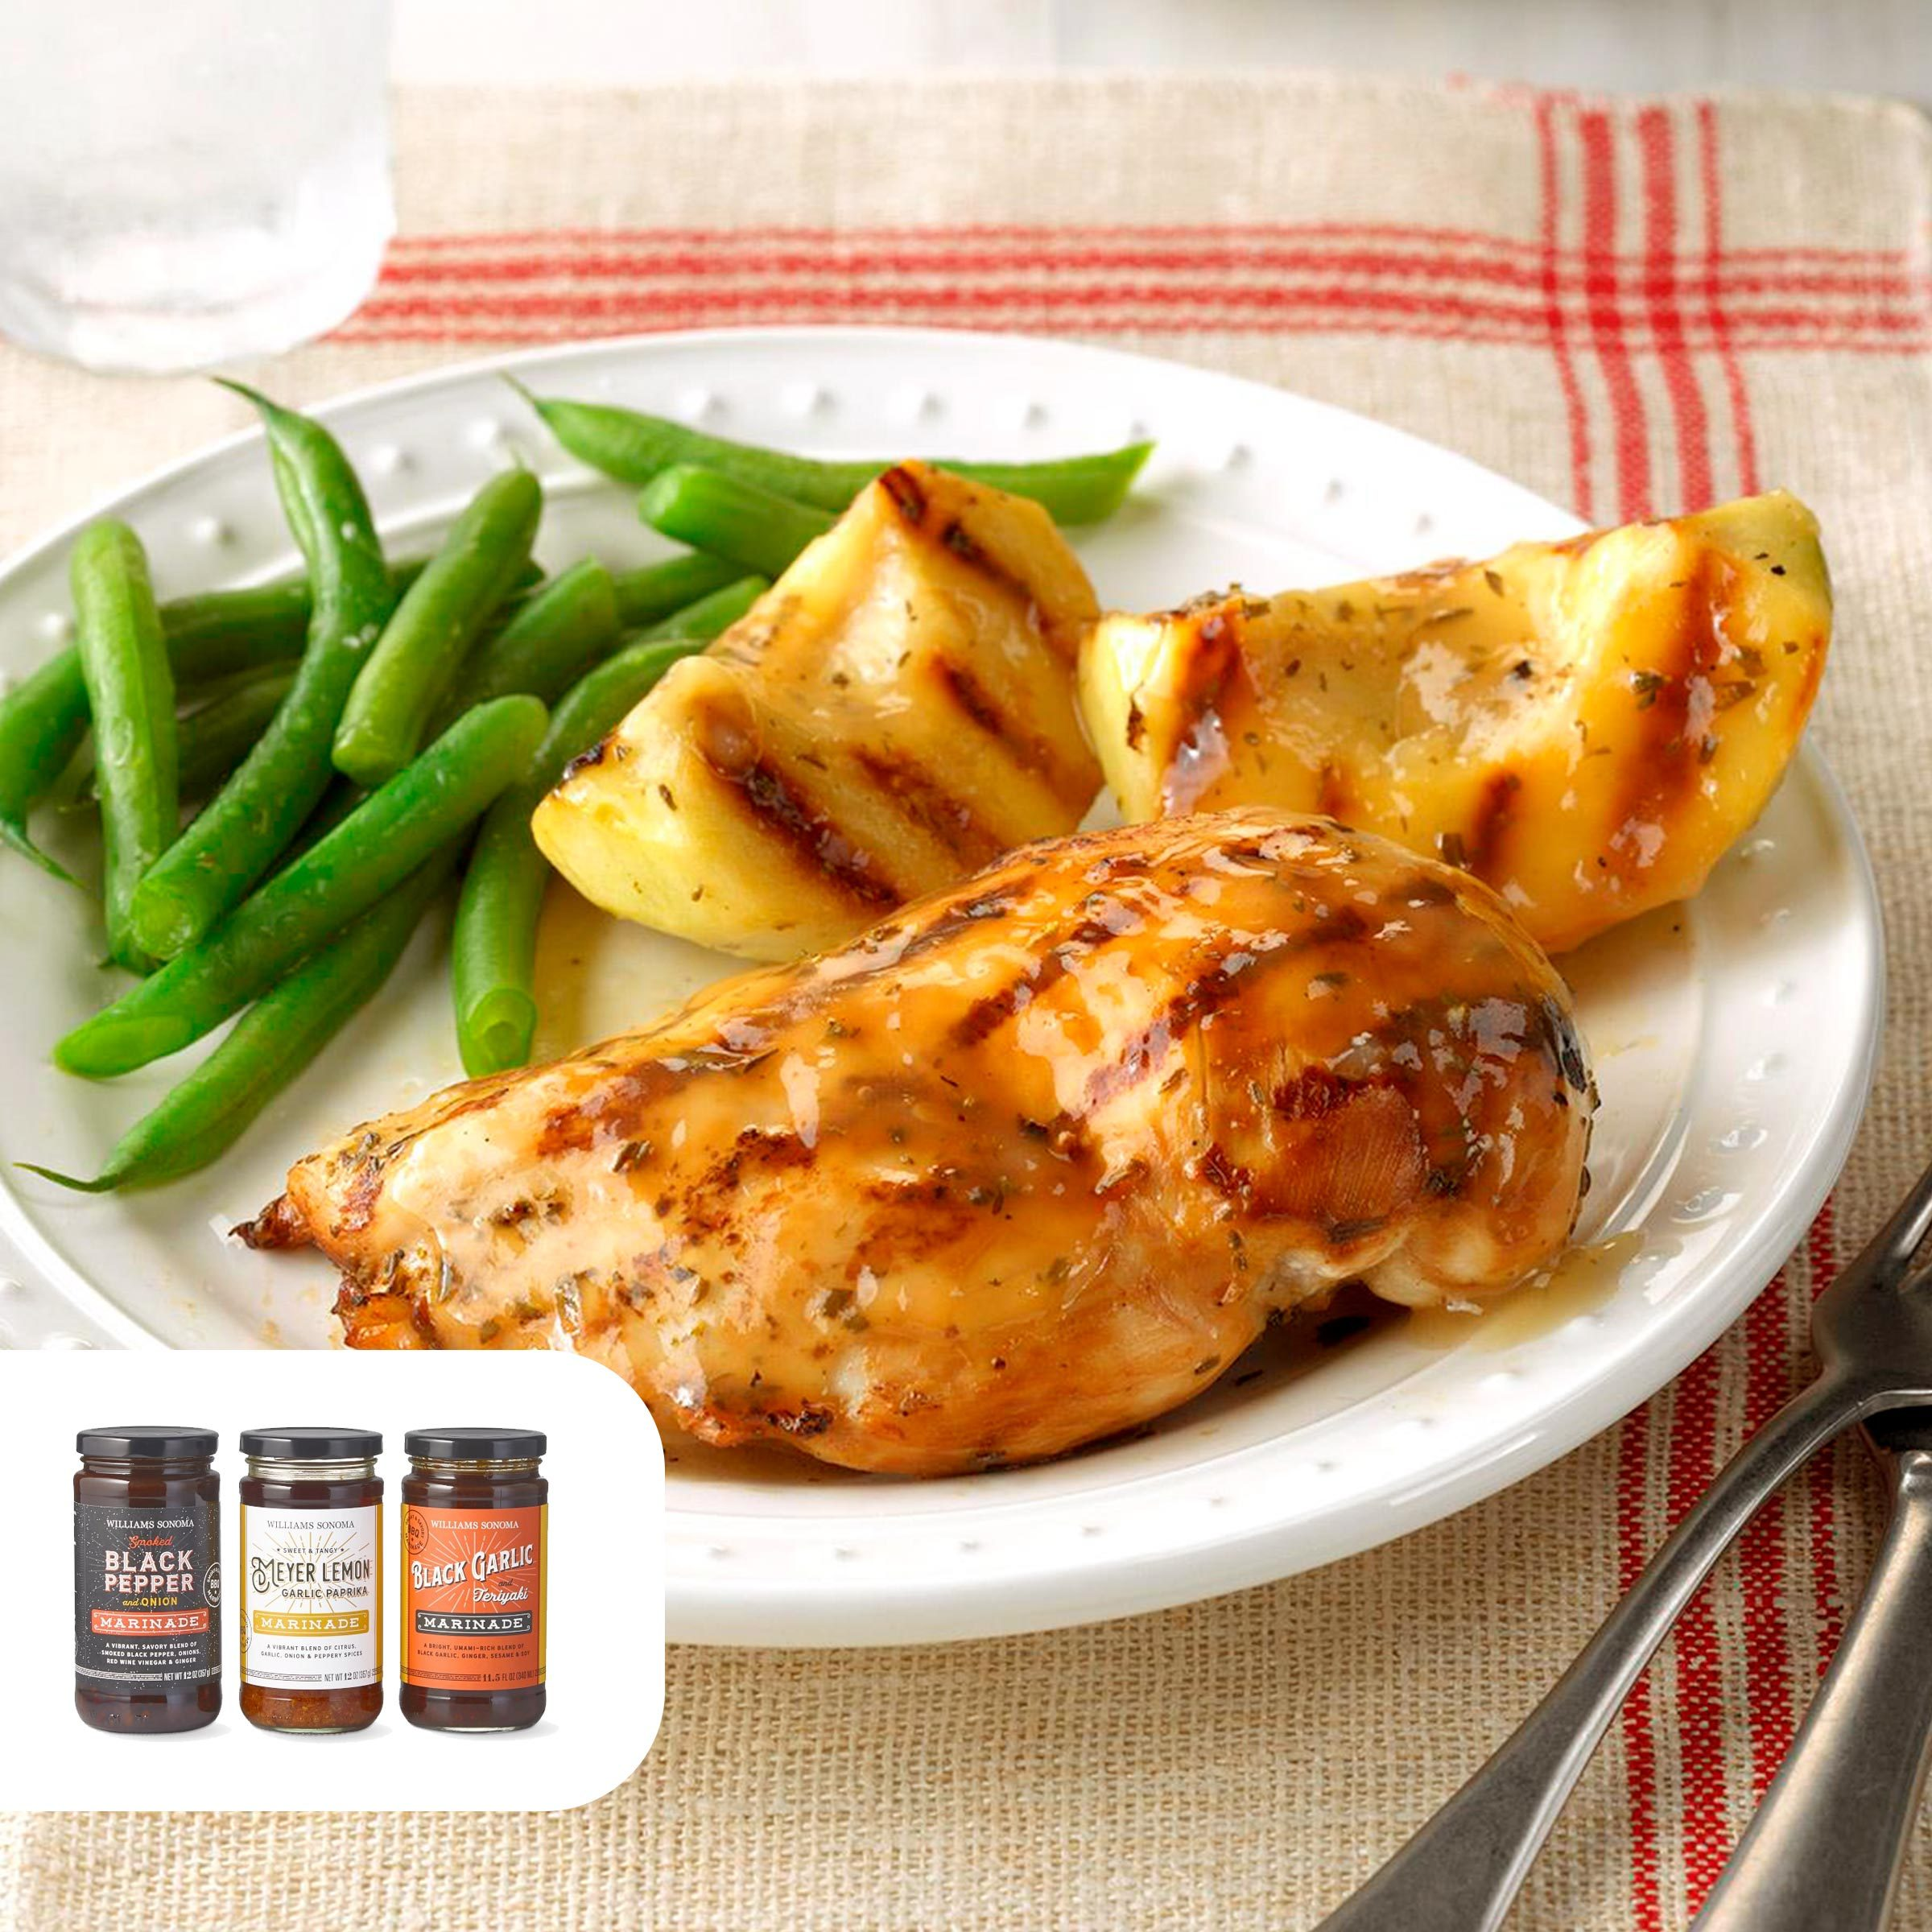 Apple-thyme chicken